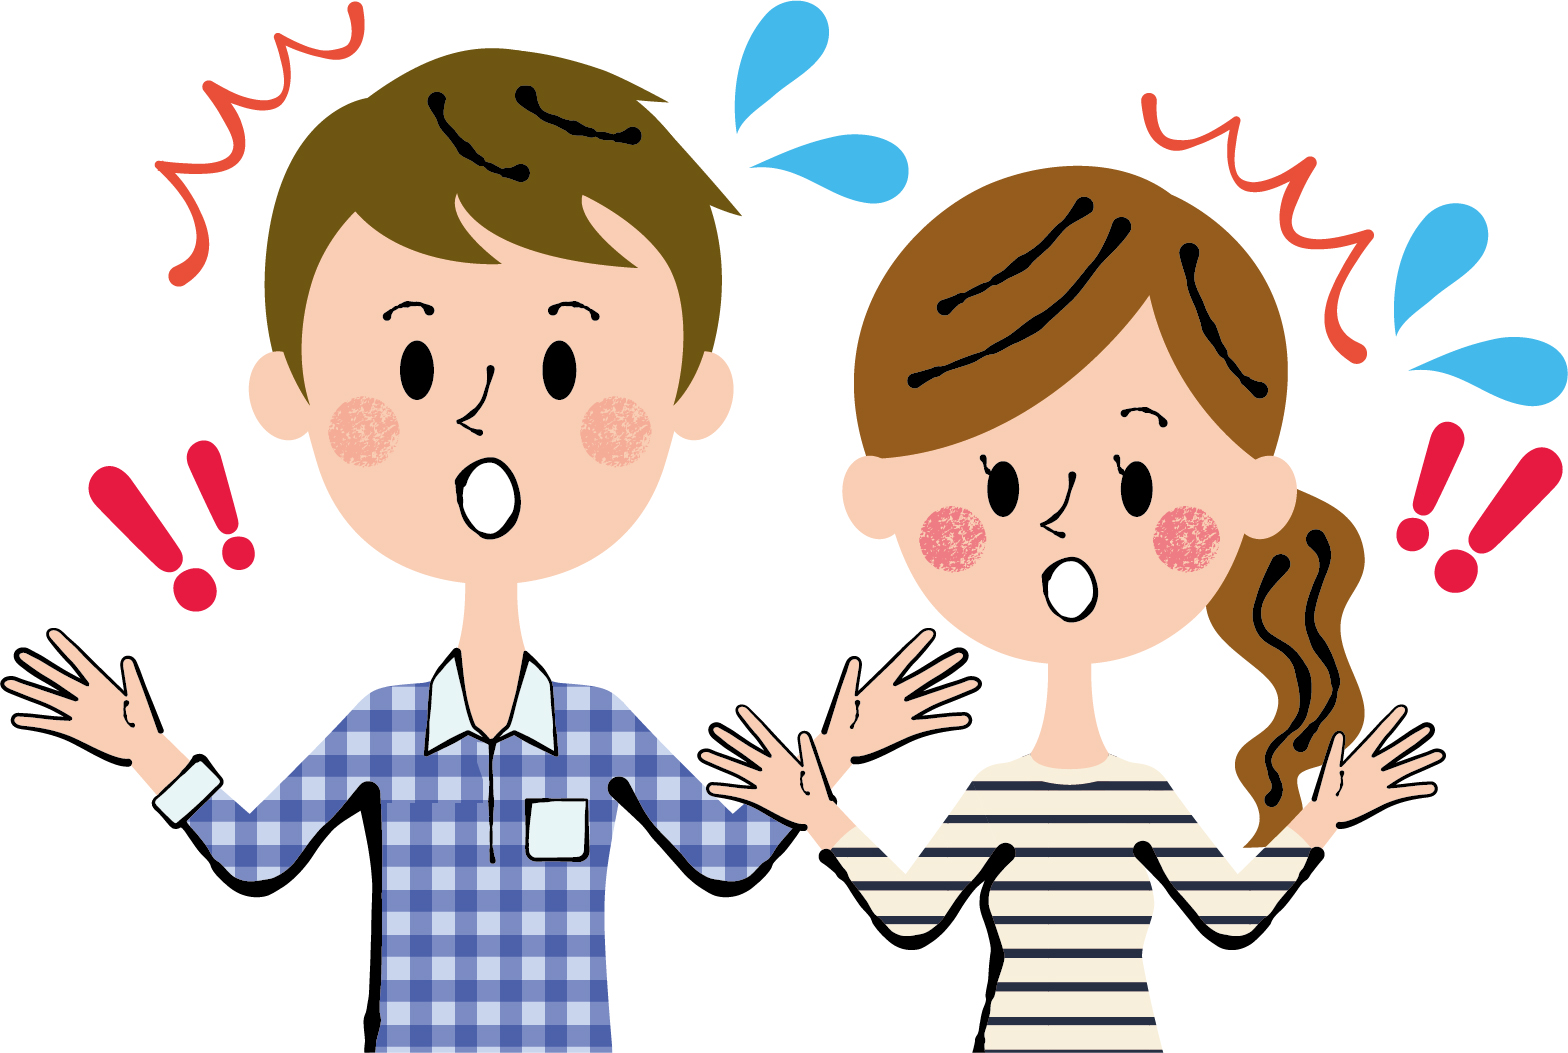 パニック障害の原因が夫婦となる場合がある